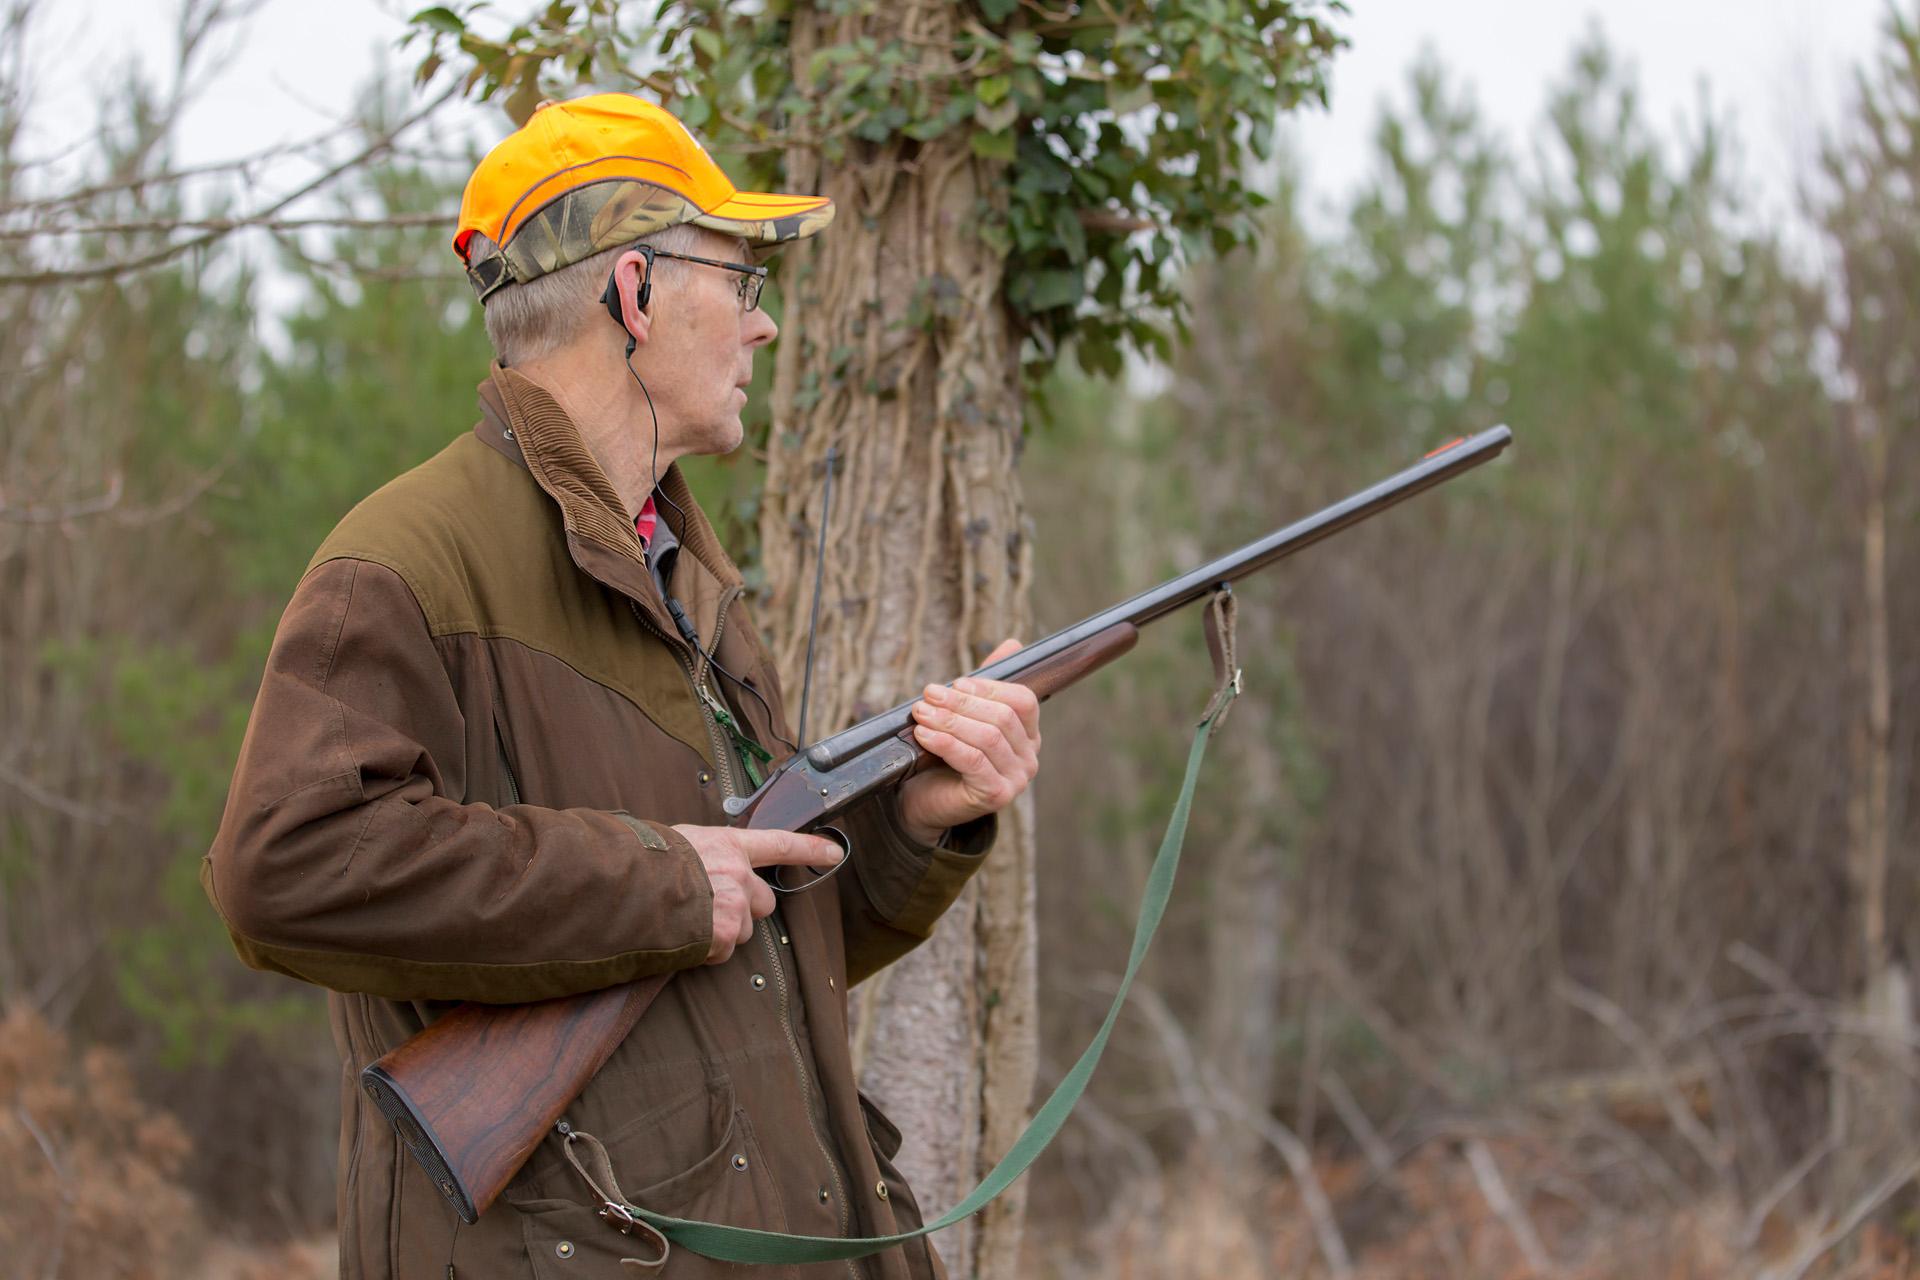 Jakt håller gevär Alexa Produktion